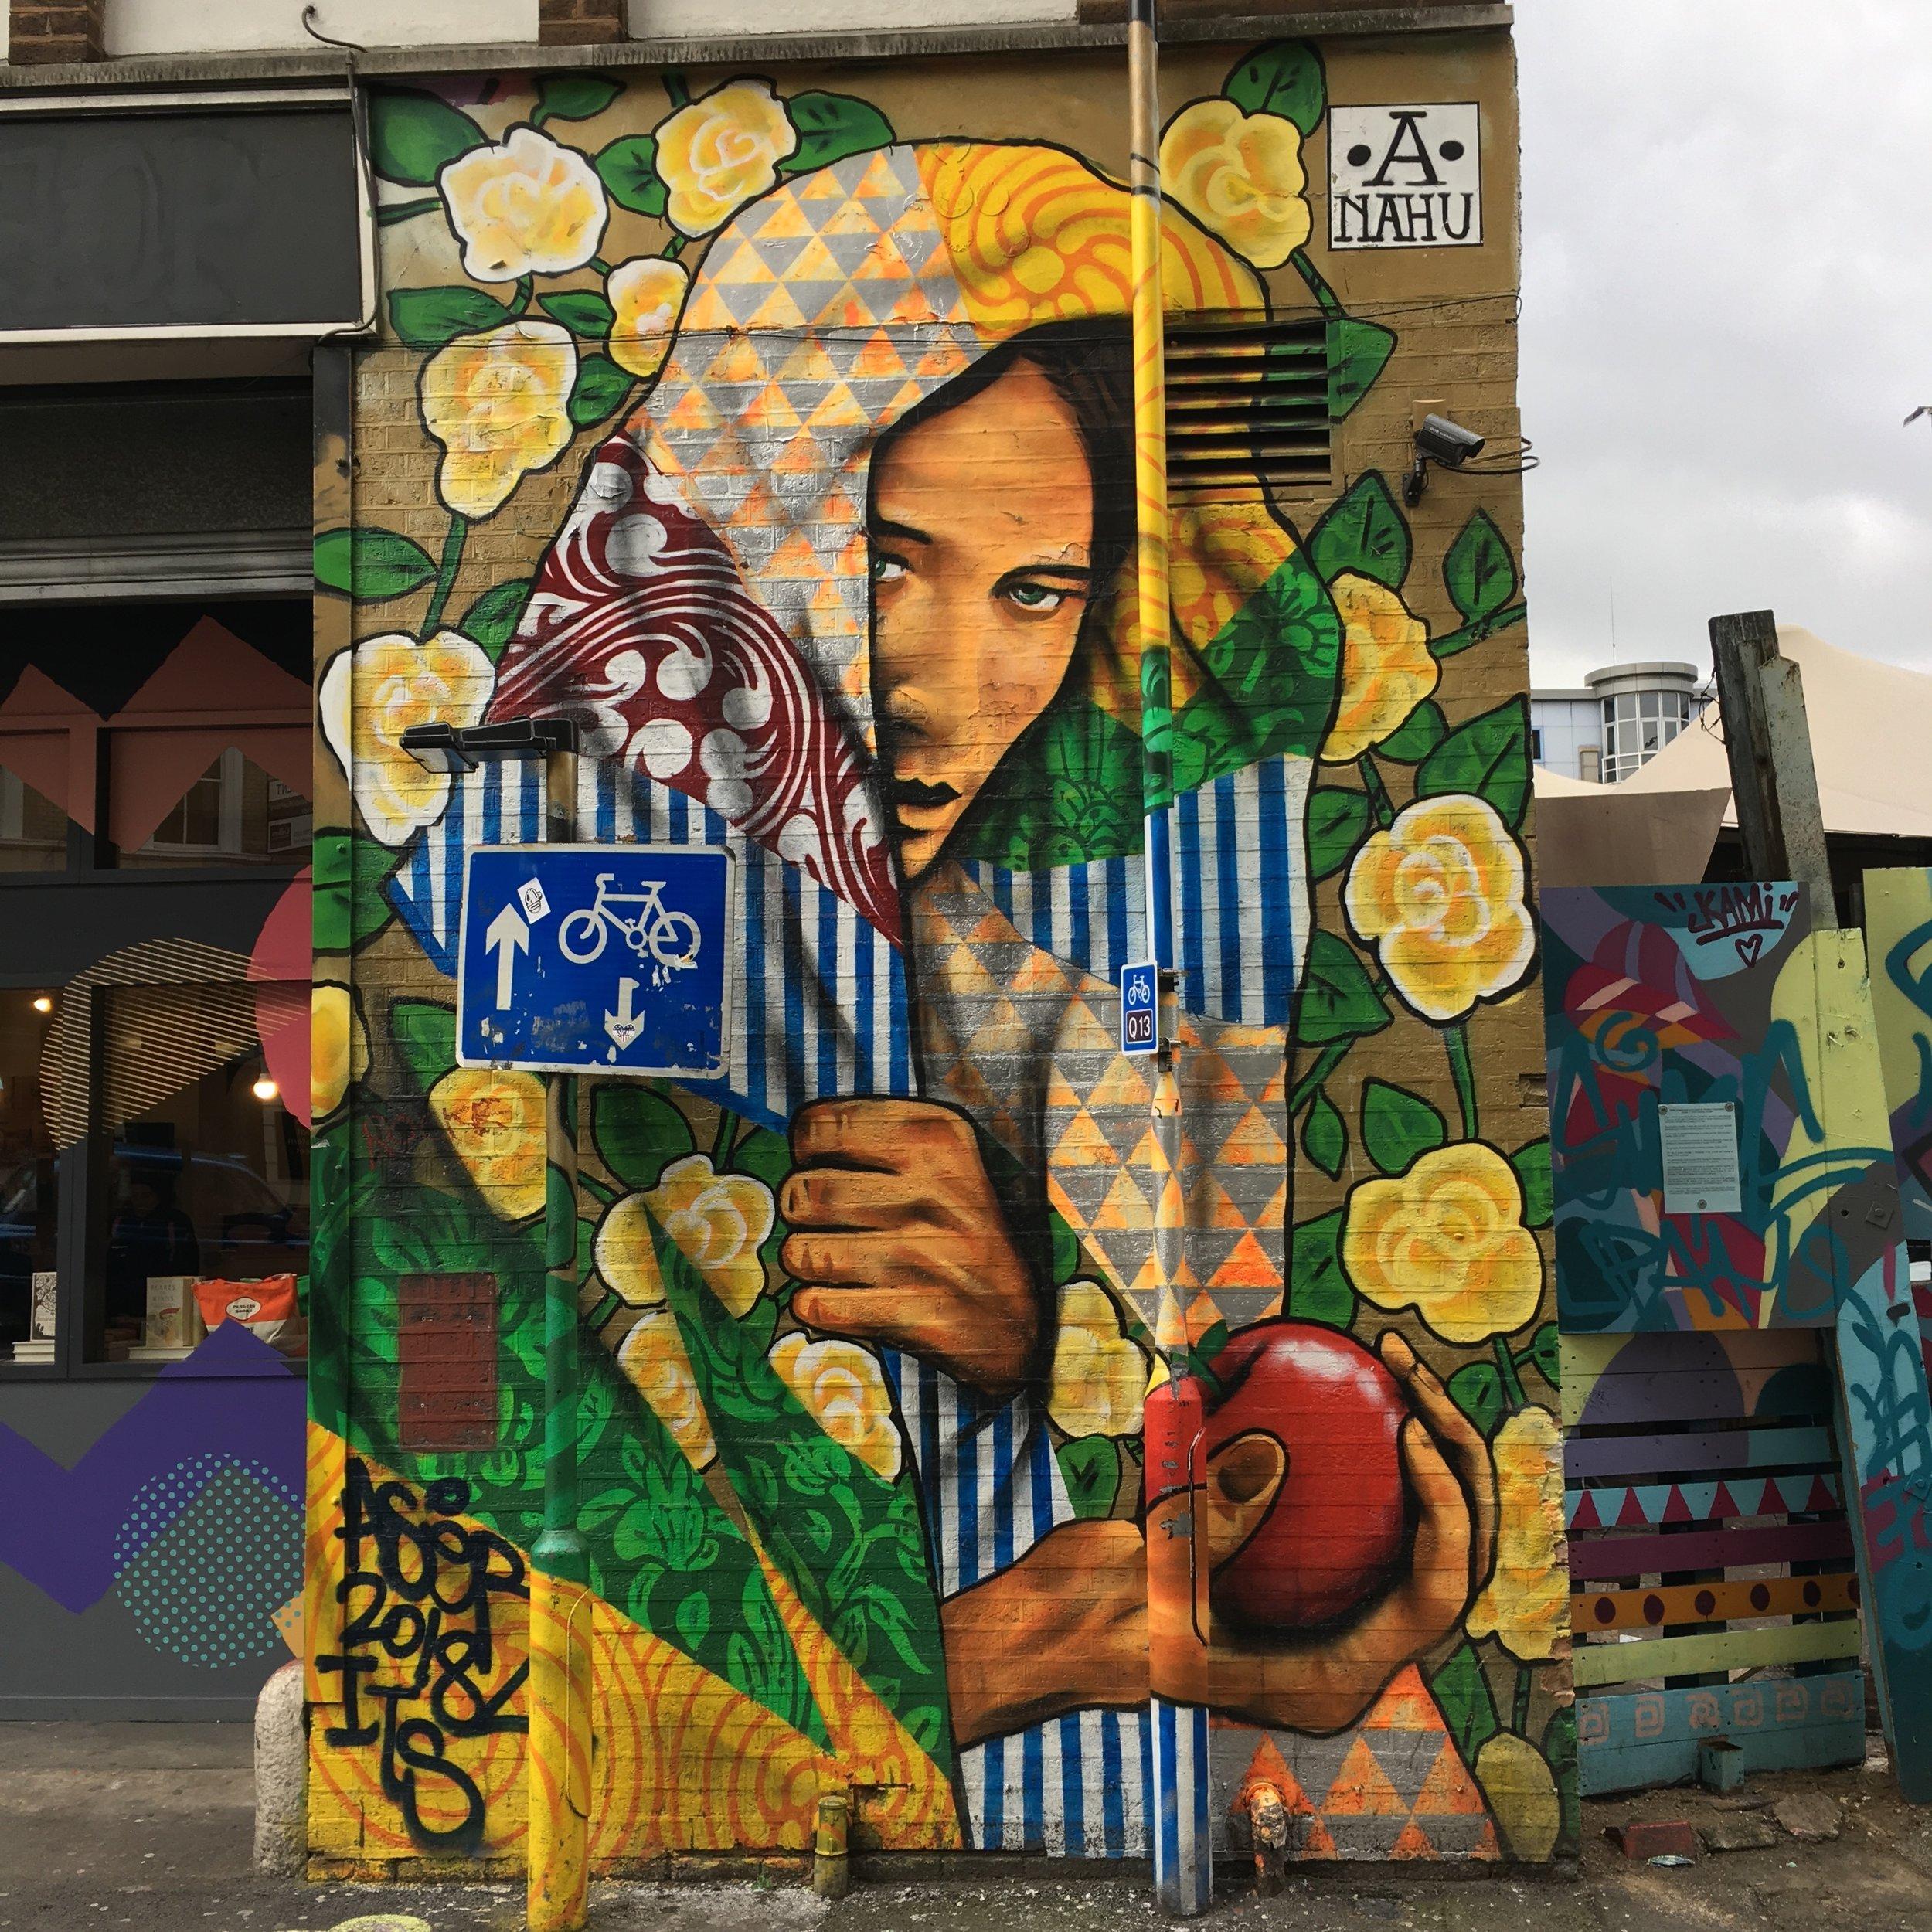 shoreditch-street-art-a-nahu